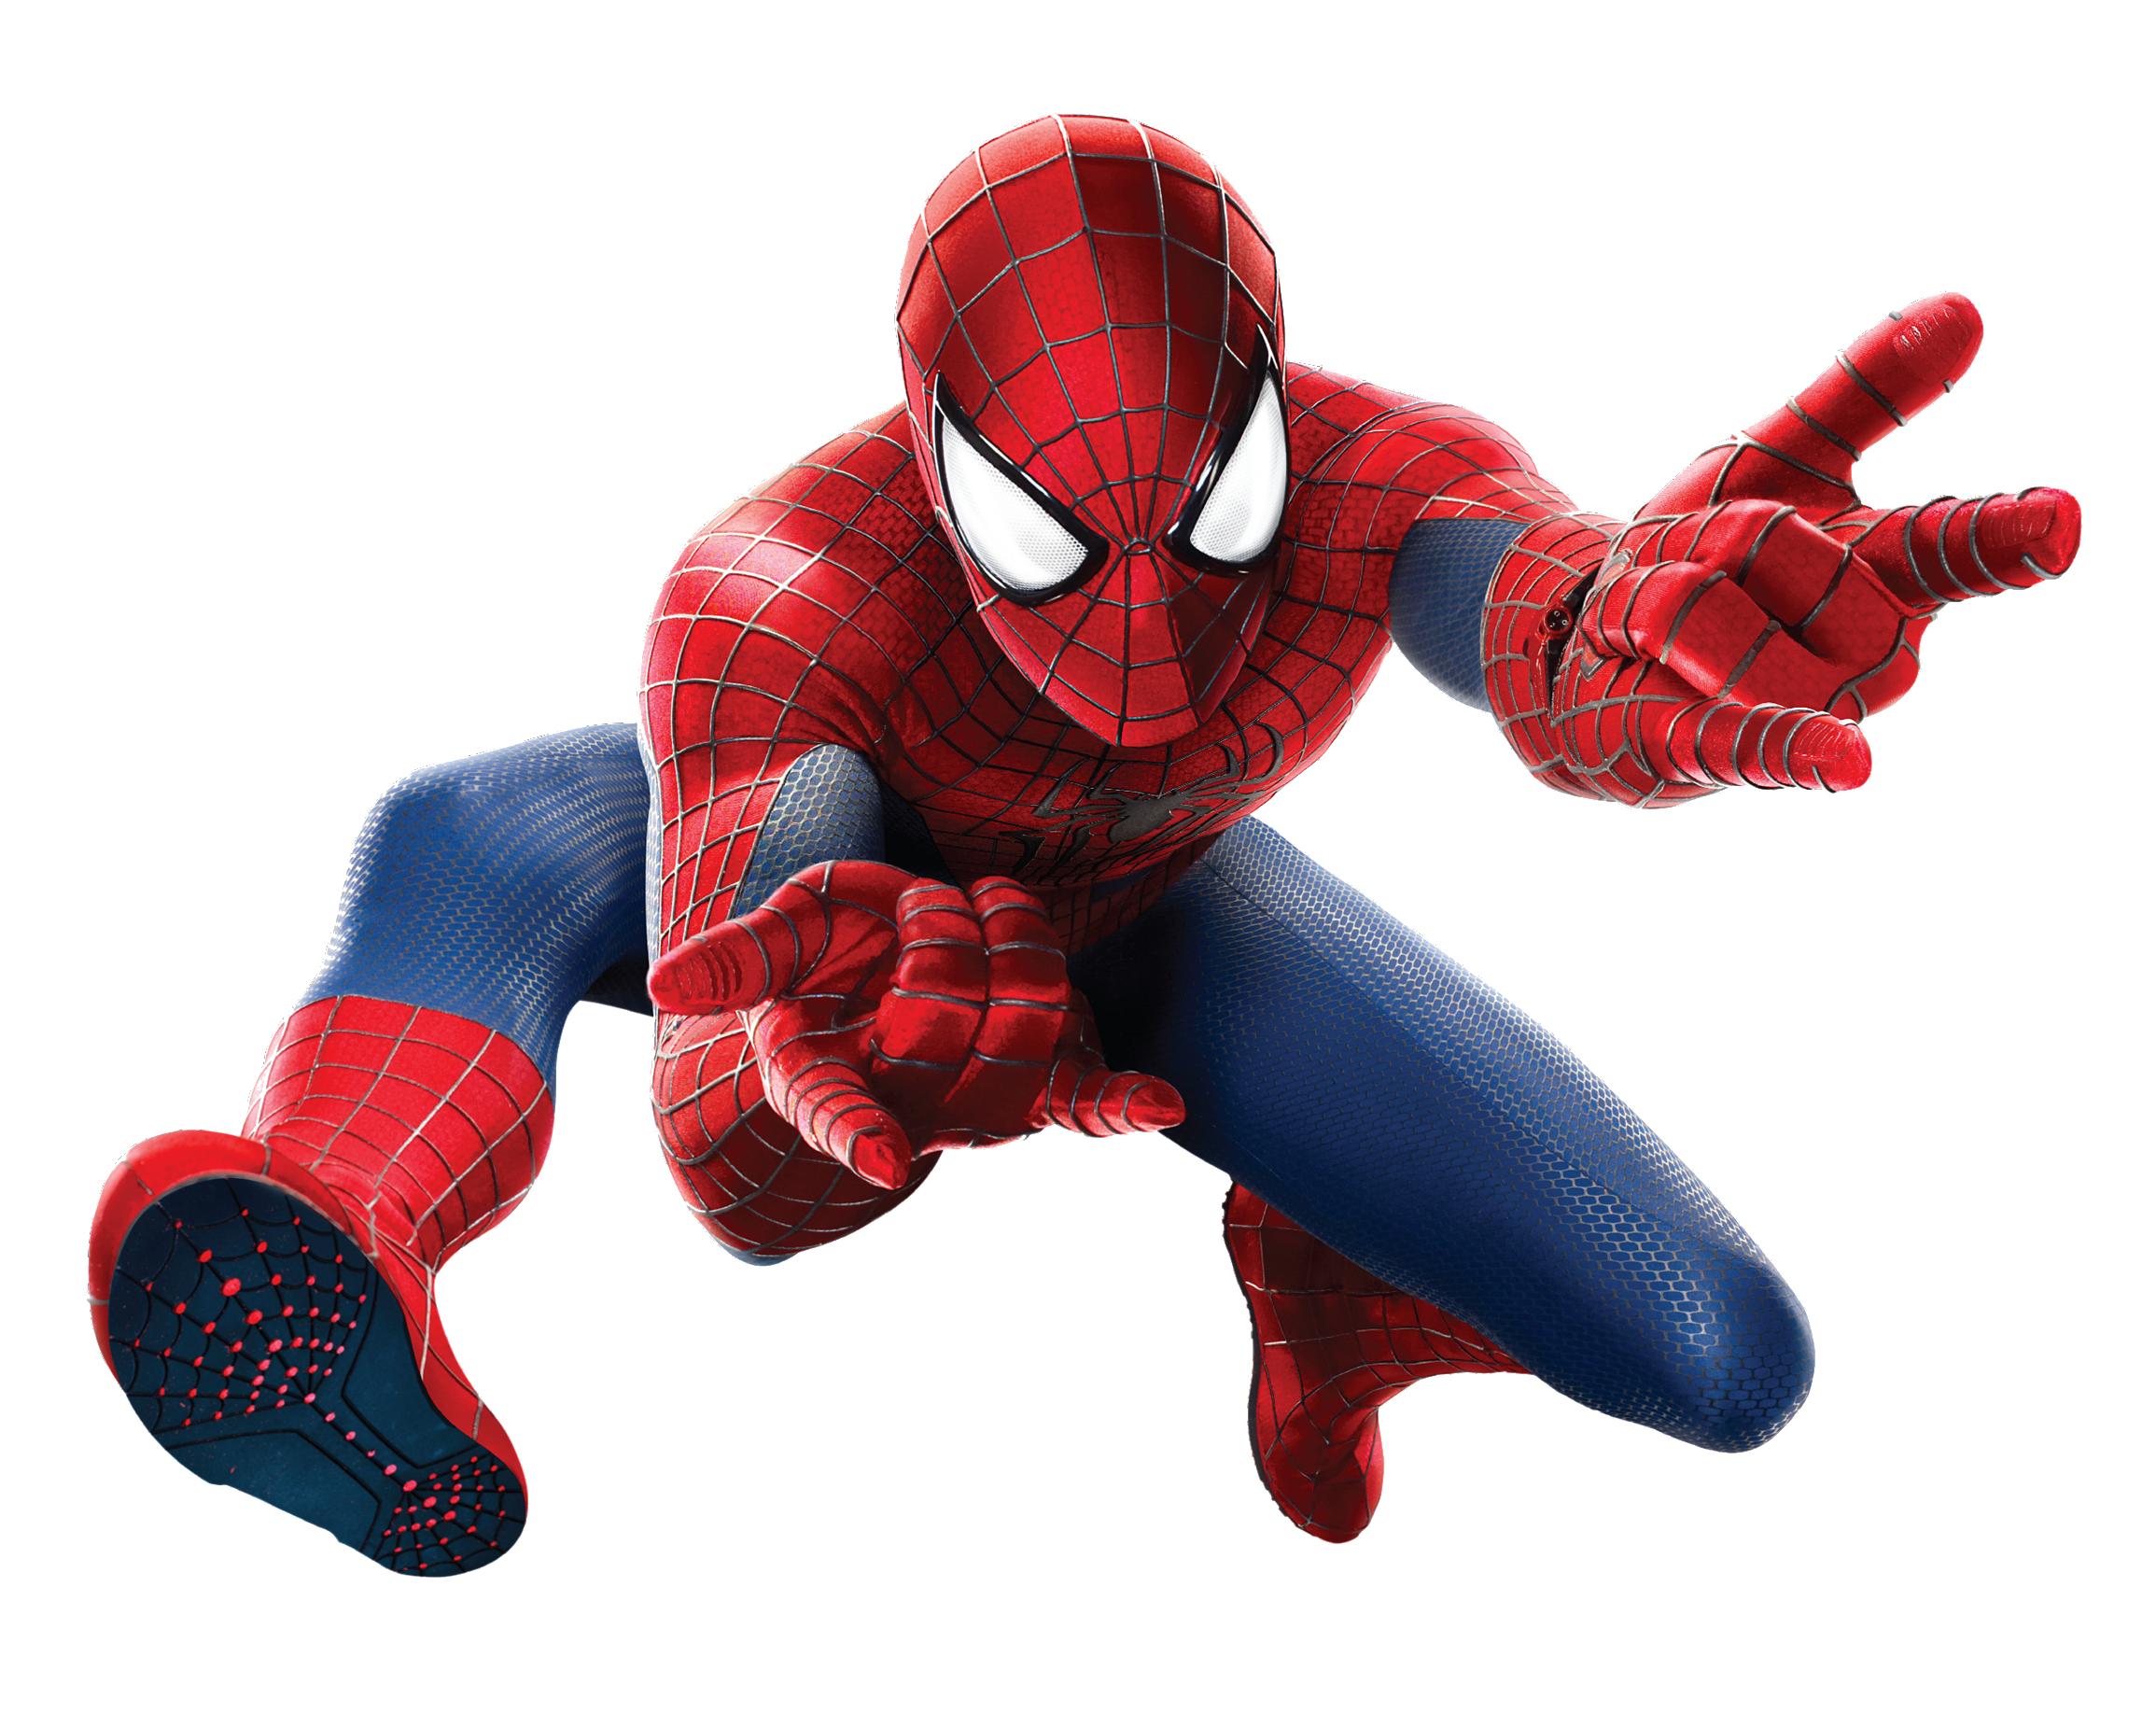 image stock Spiderman